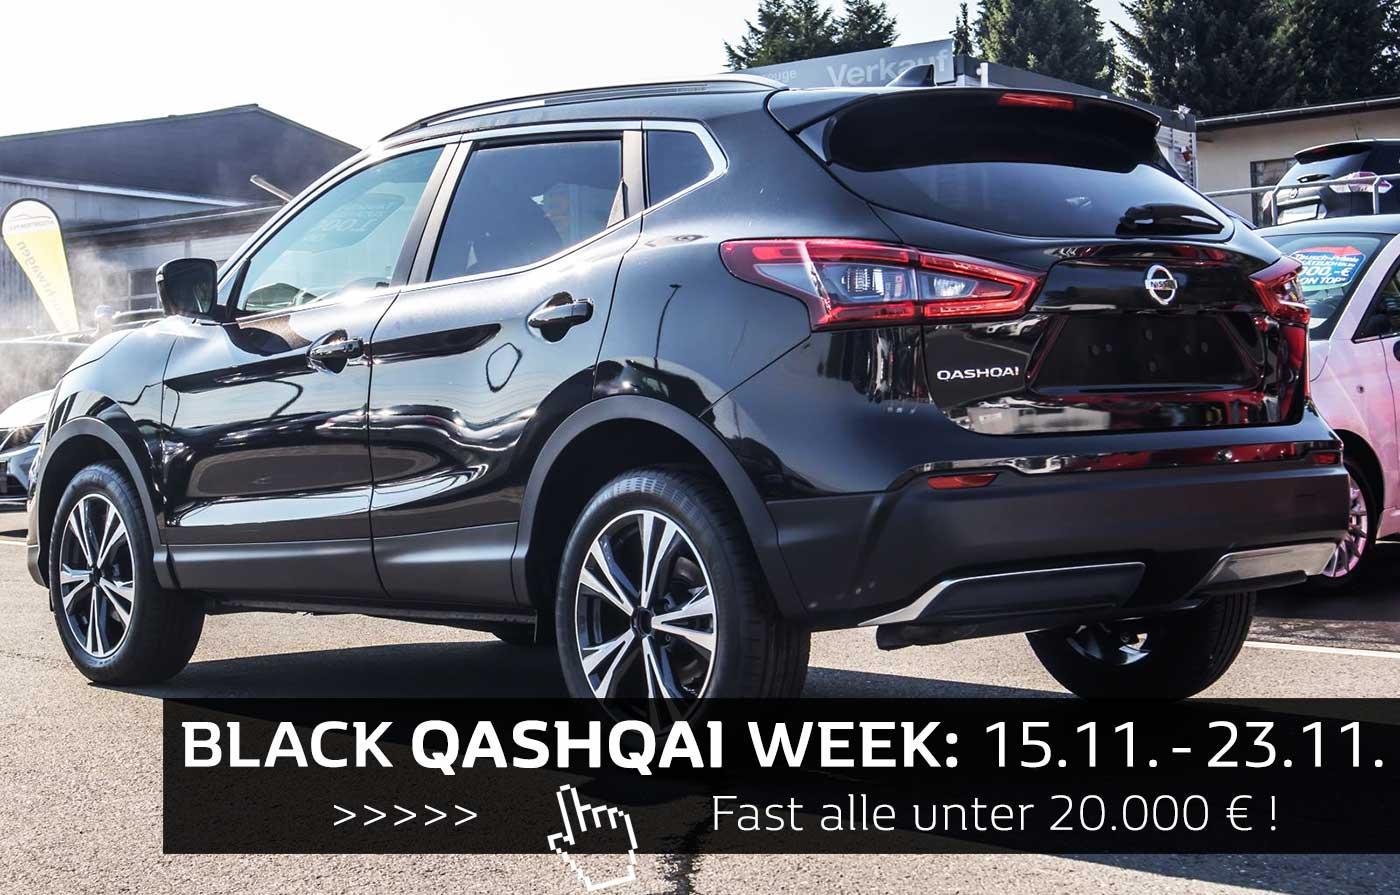 Black Qashqai Week